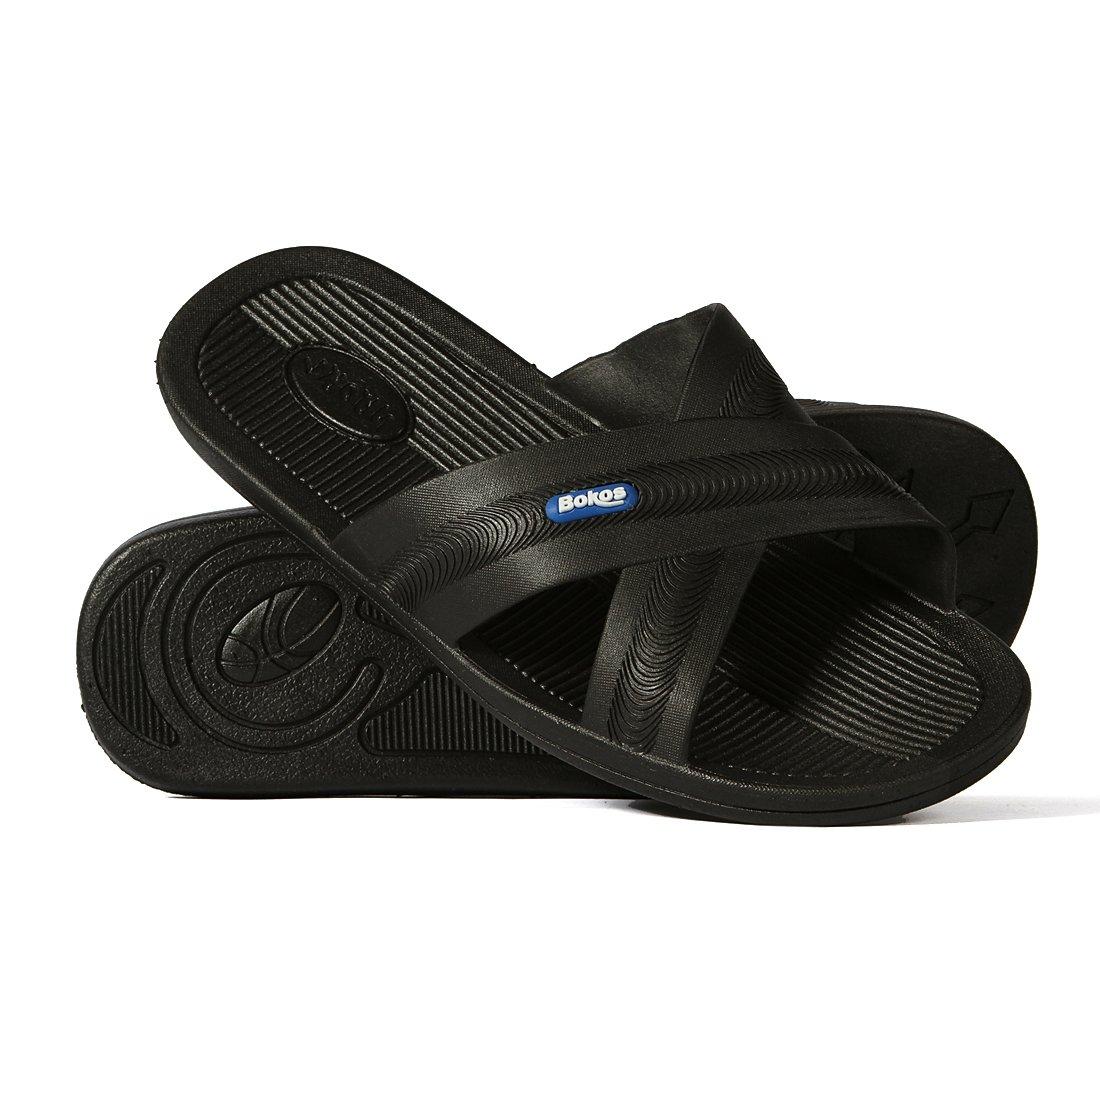 Bokos Men's Rubber, Athletic Slide Sandals in Black 10 US